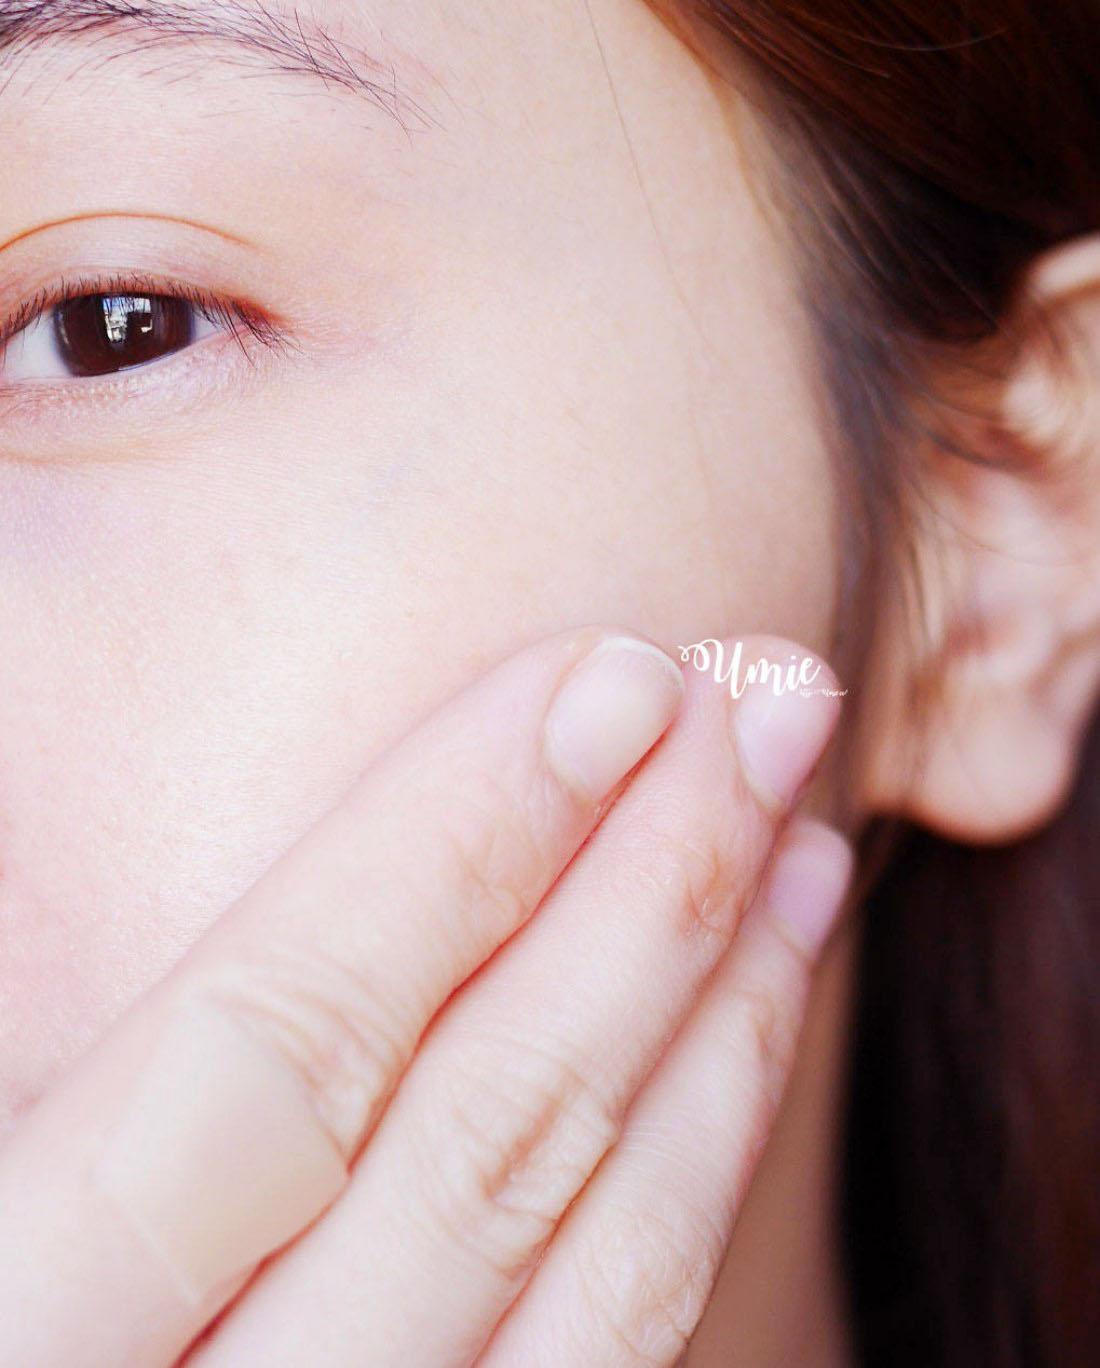 暗沉.粉刺.毛孔粗大推薦 | DeAU每日角質代謝基地液 | 從角質層開始做好保養!